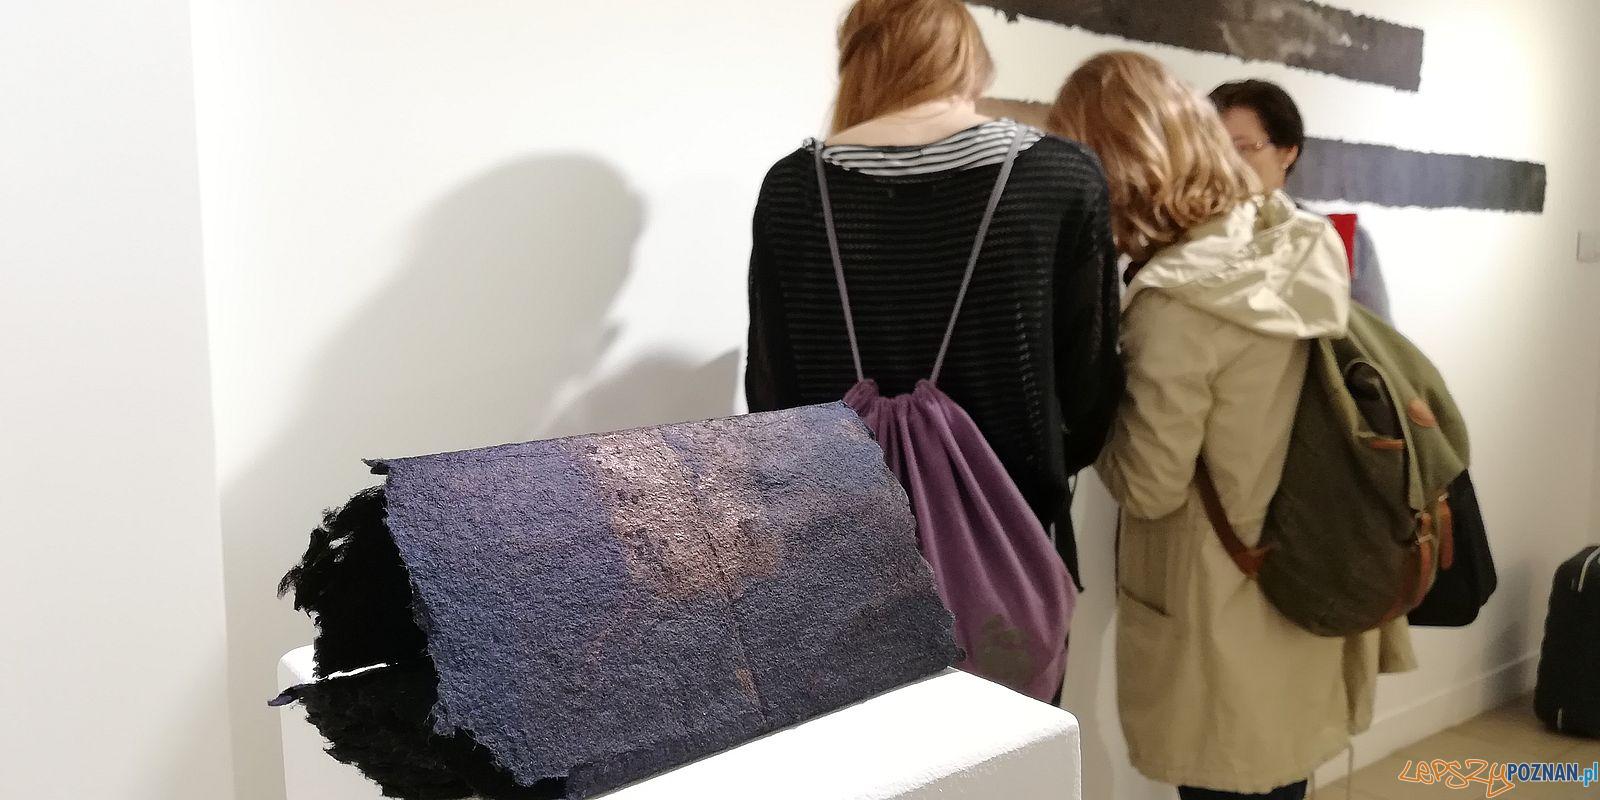 Żałobny dziennik - wystawa Barbary Mydlak w Galerii JAK  Foto: